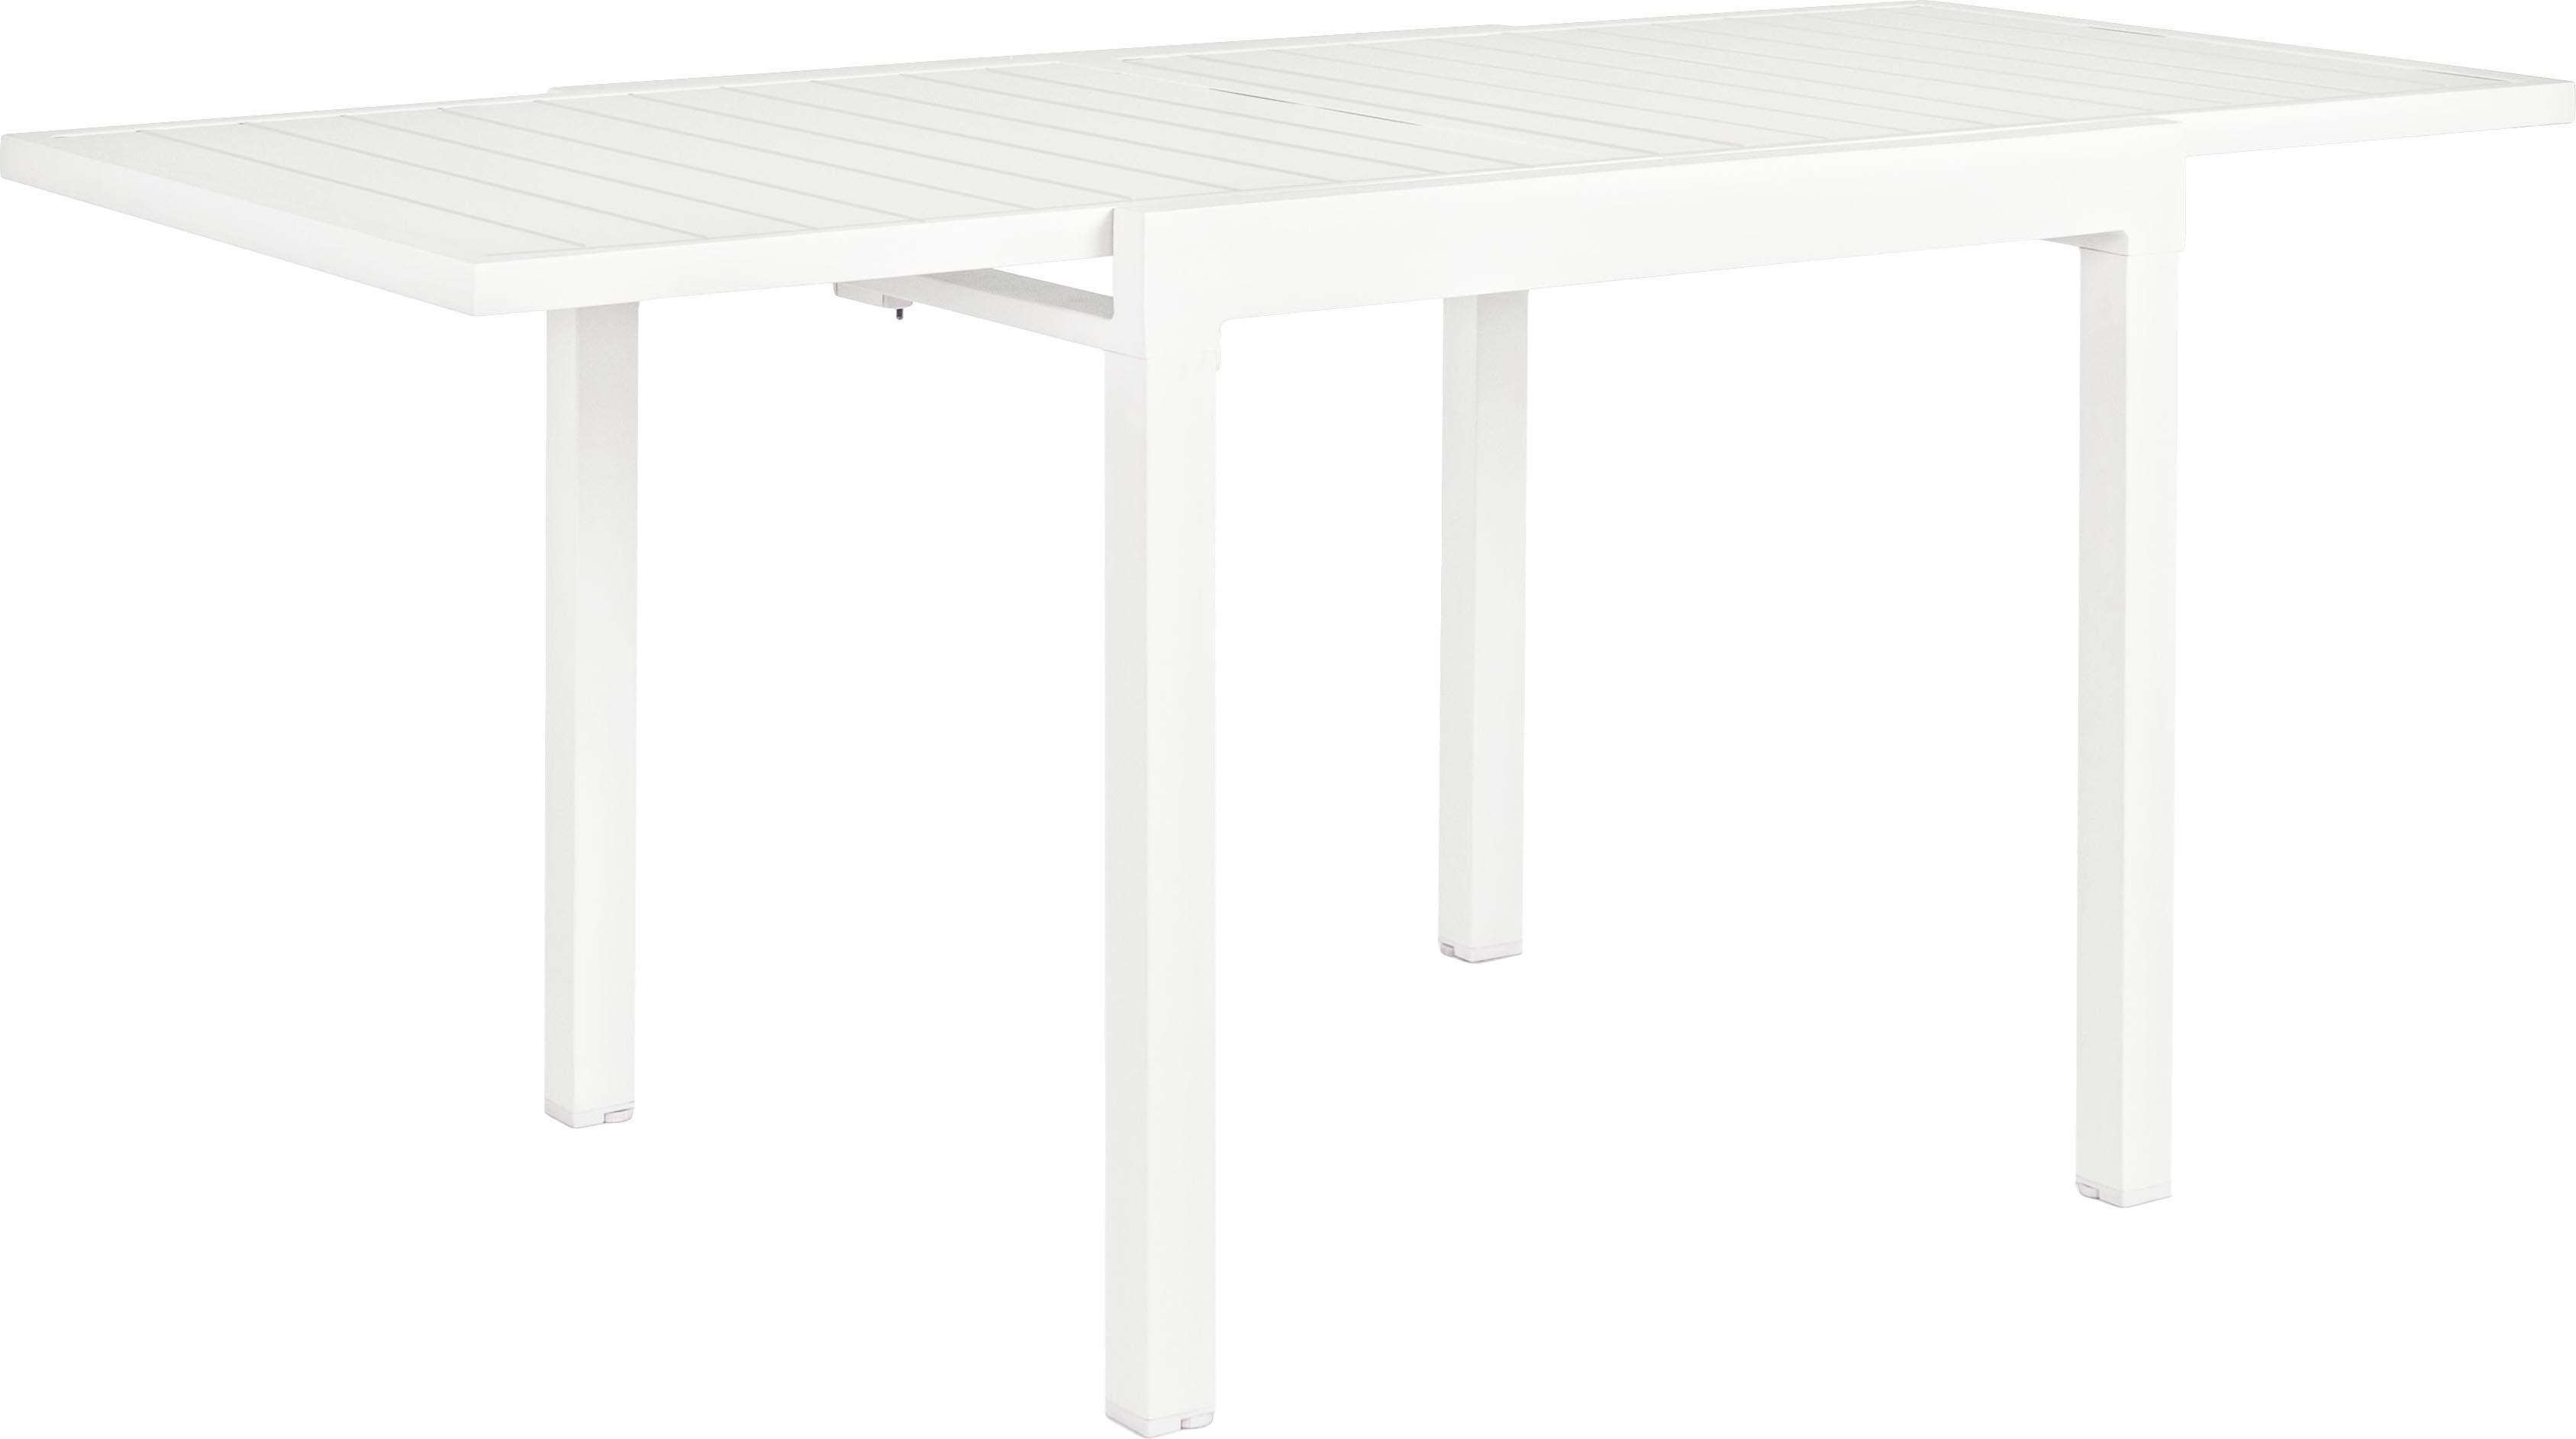 Rozkładany stół ogrodowy Pelagius, Aluminium malowane proszkowo, Biały, S 83 do 166 x G 80 cm